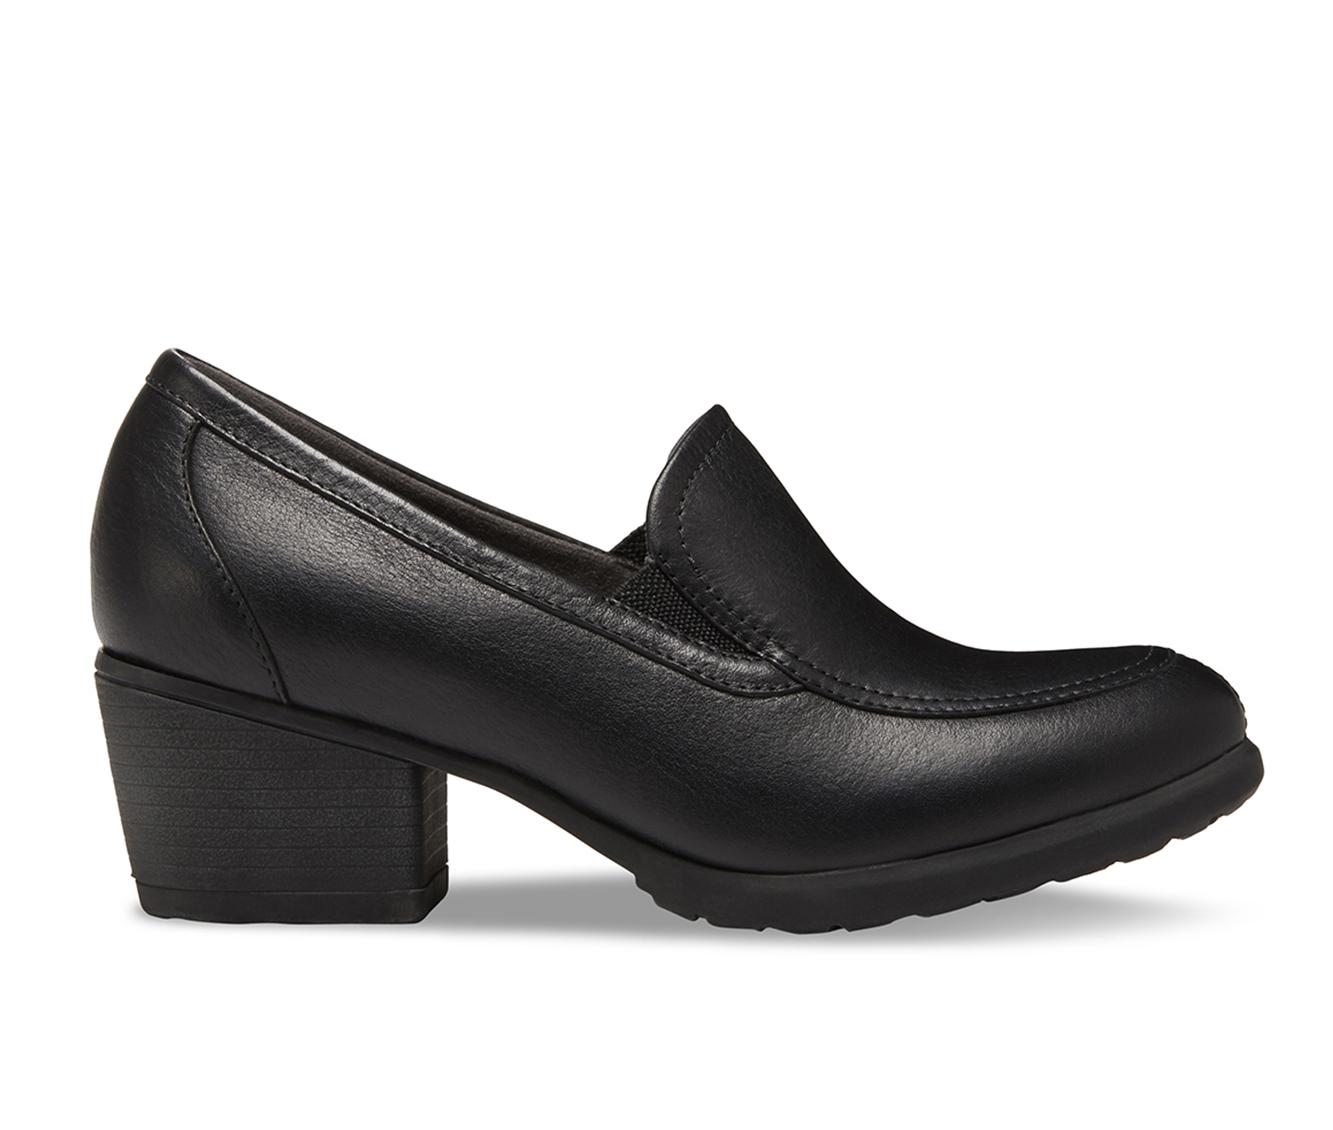 Eastland Tonie Women's Shoe (Black Leather)